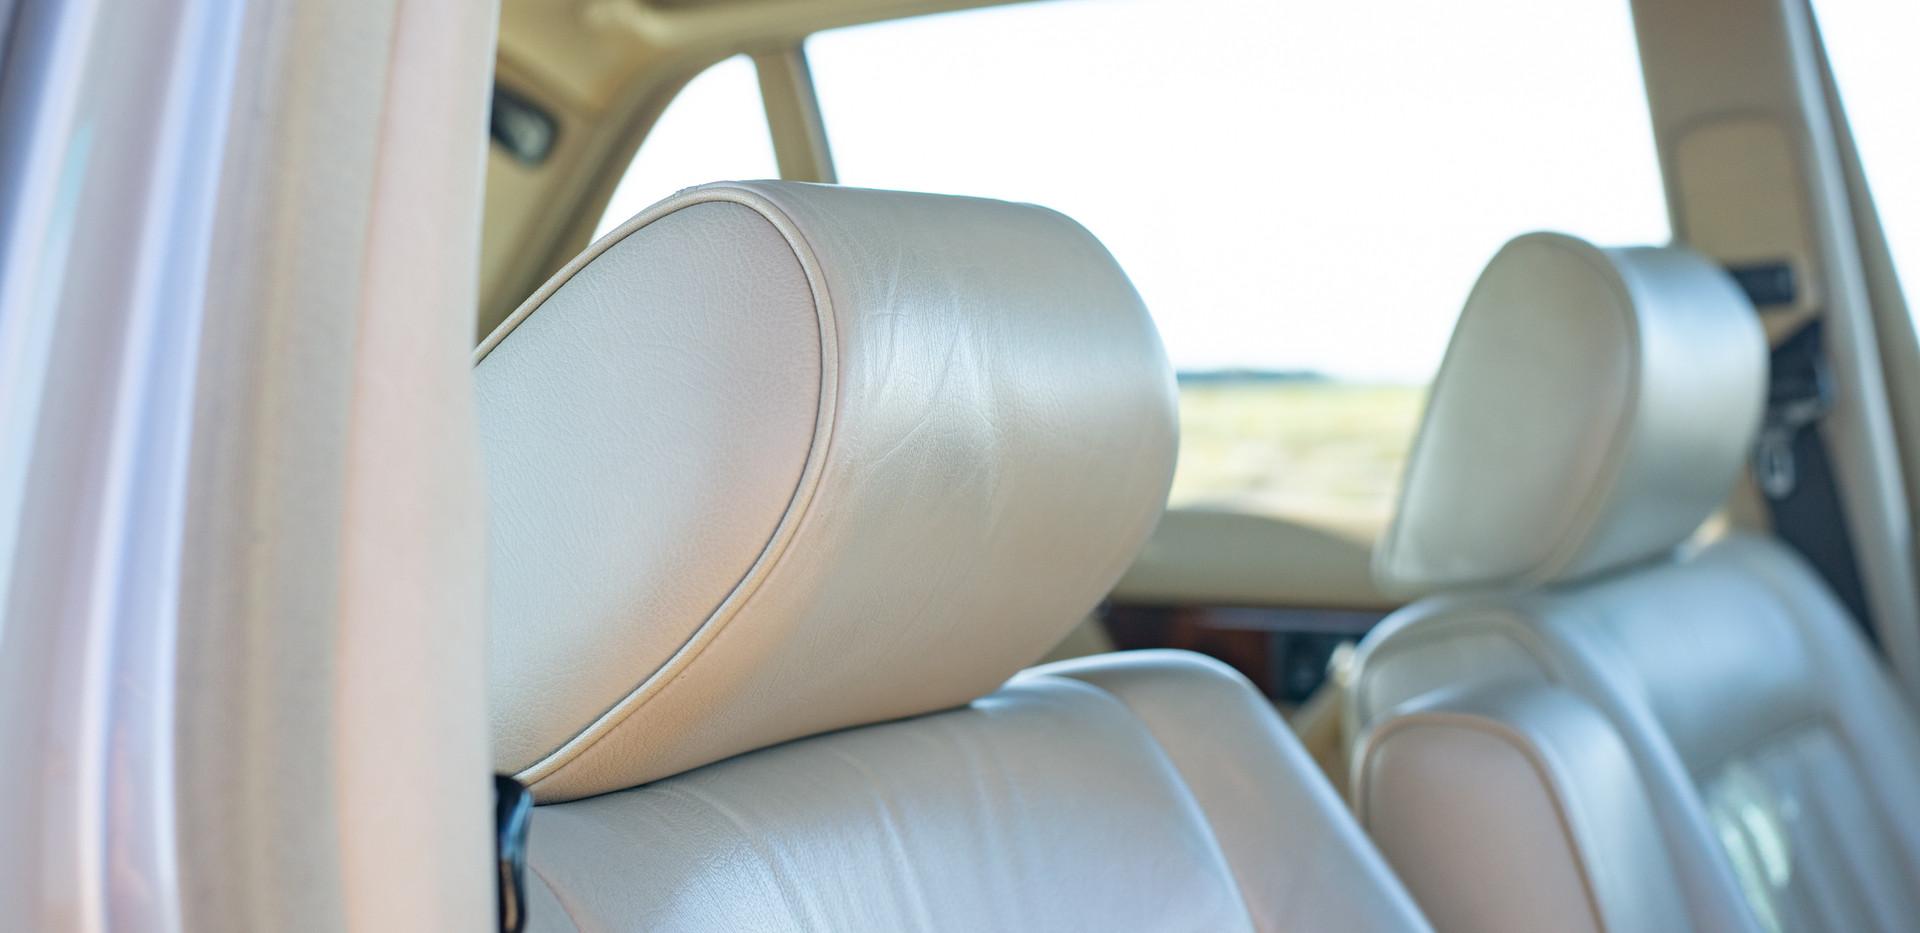 W126 420SEL E3TGW For Sale London-20.jpg